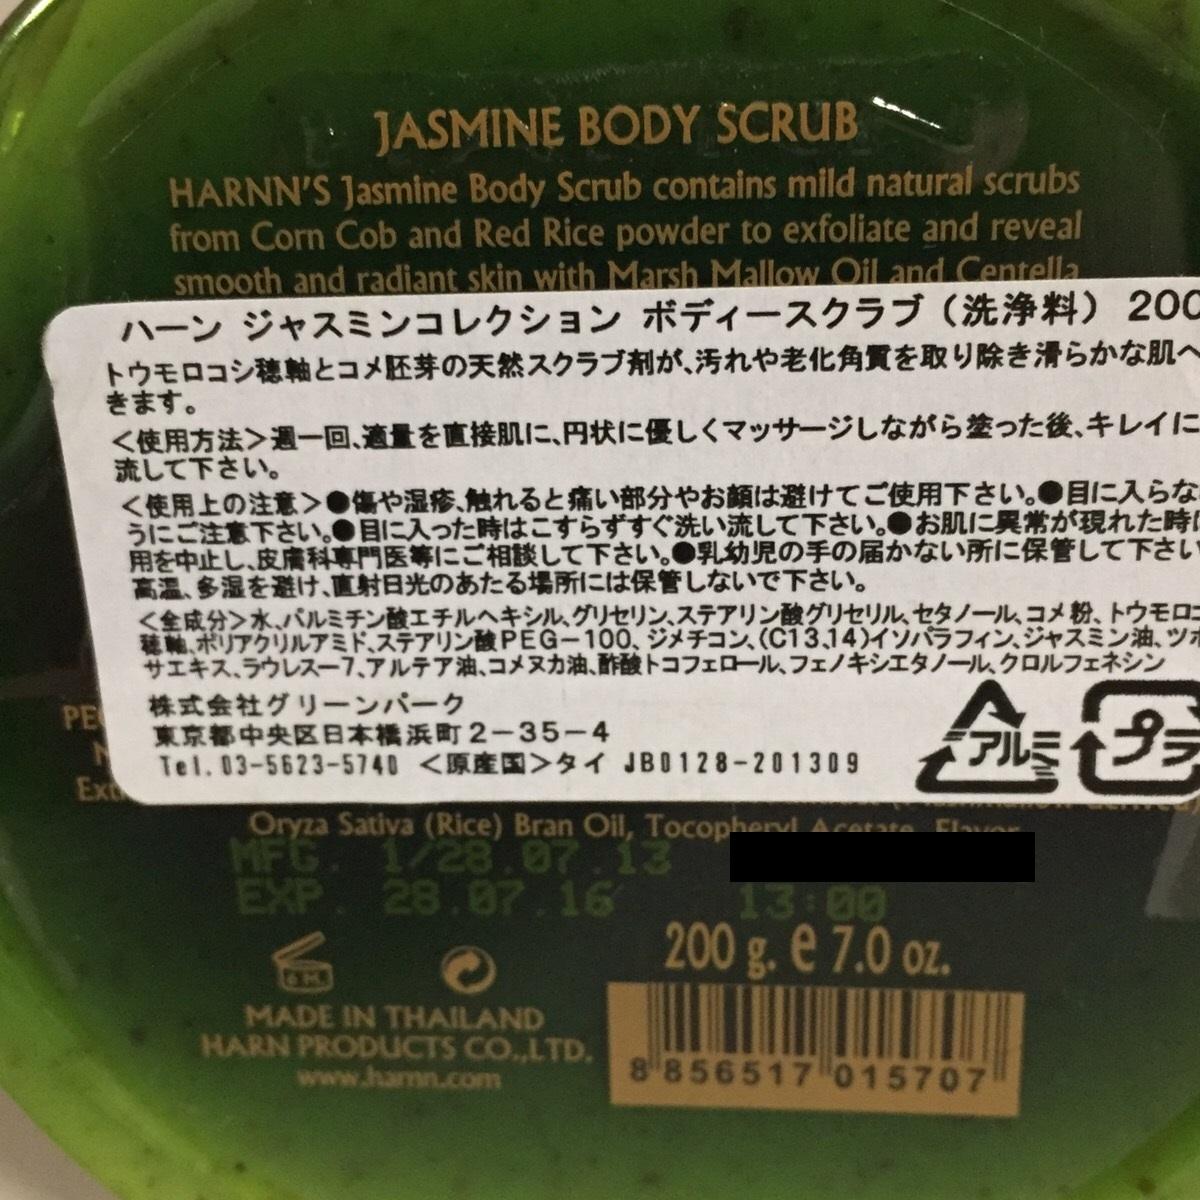 HARNN ハーン 化粧品 訳あり 18点セット 化粧水 ボディーオイルスプレー モイスチャライザーハンドクリーム コンディショナー デイクリーム_画像6